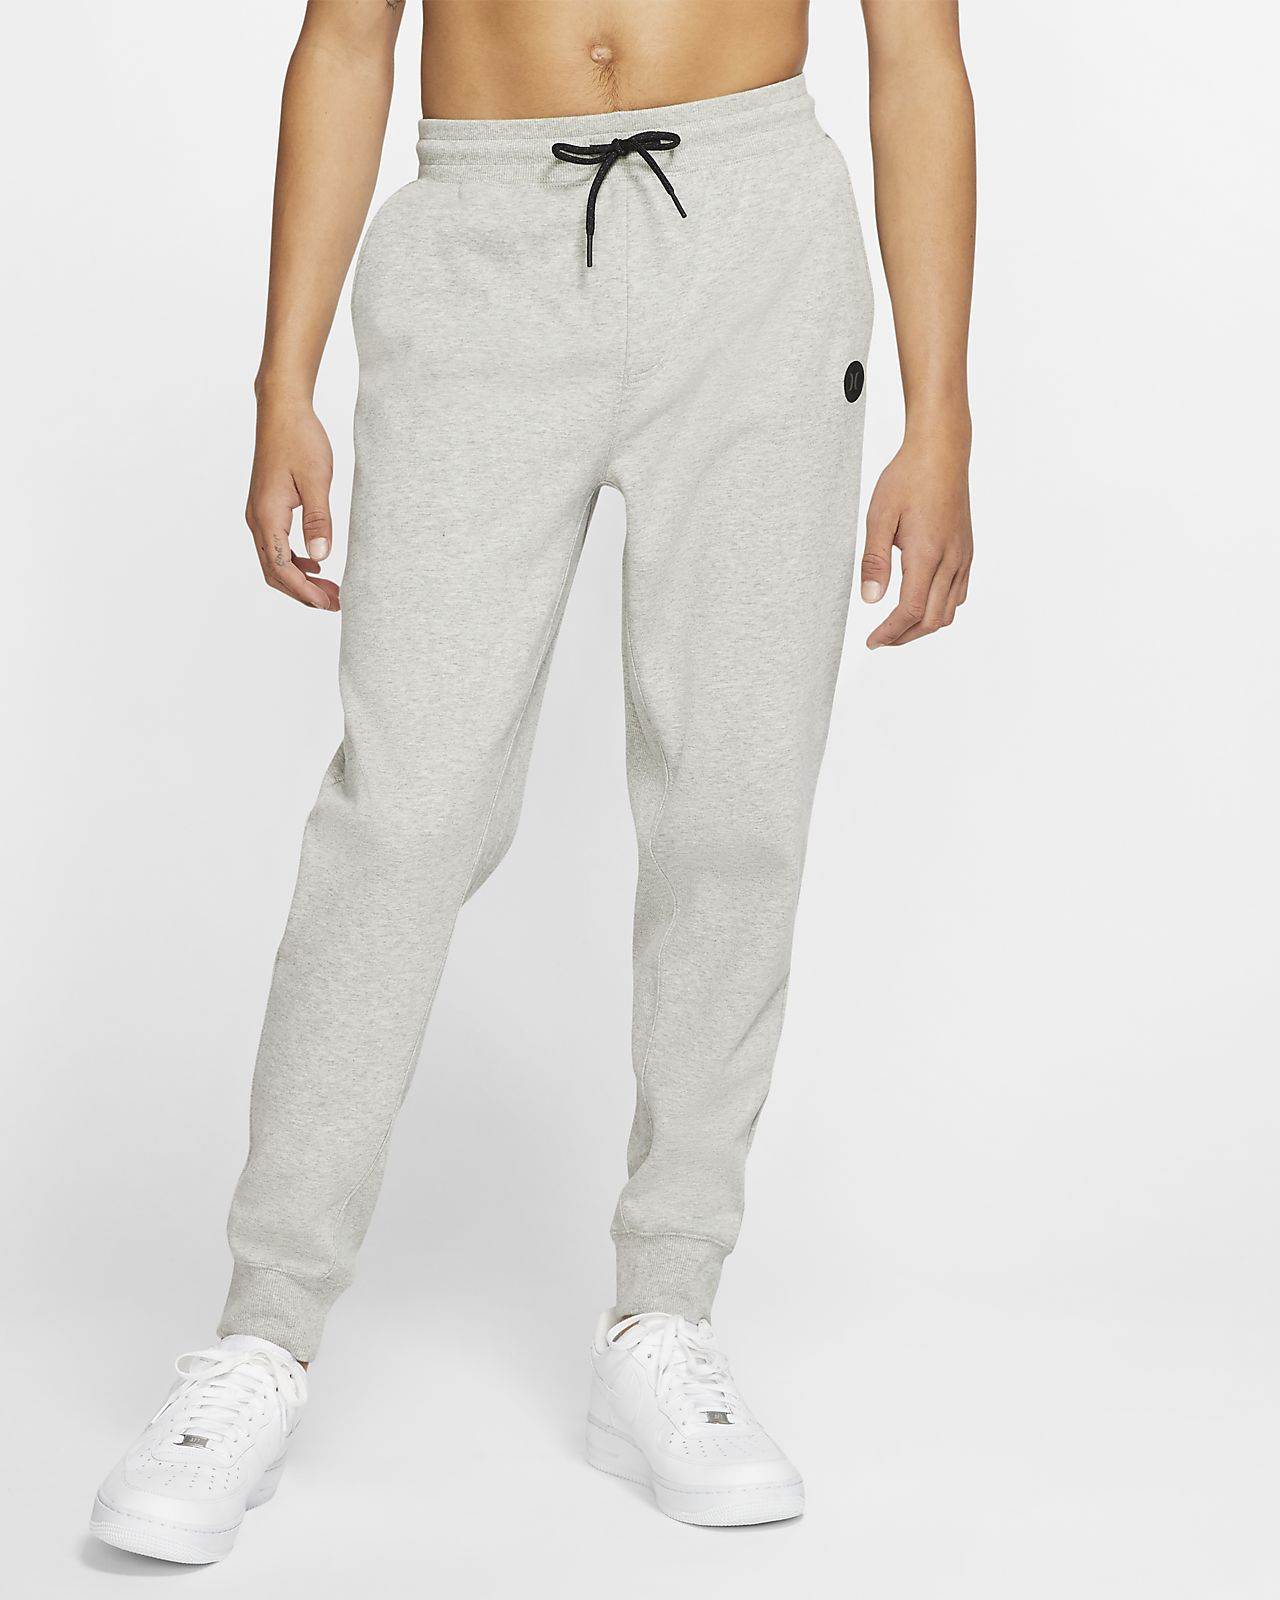 Pantalones de entrenamiento de tejido Fleece para hombre Hurley Therma Protect